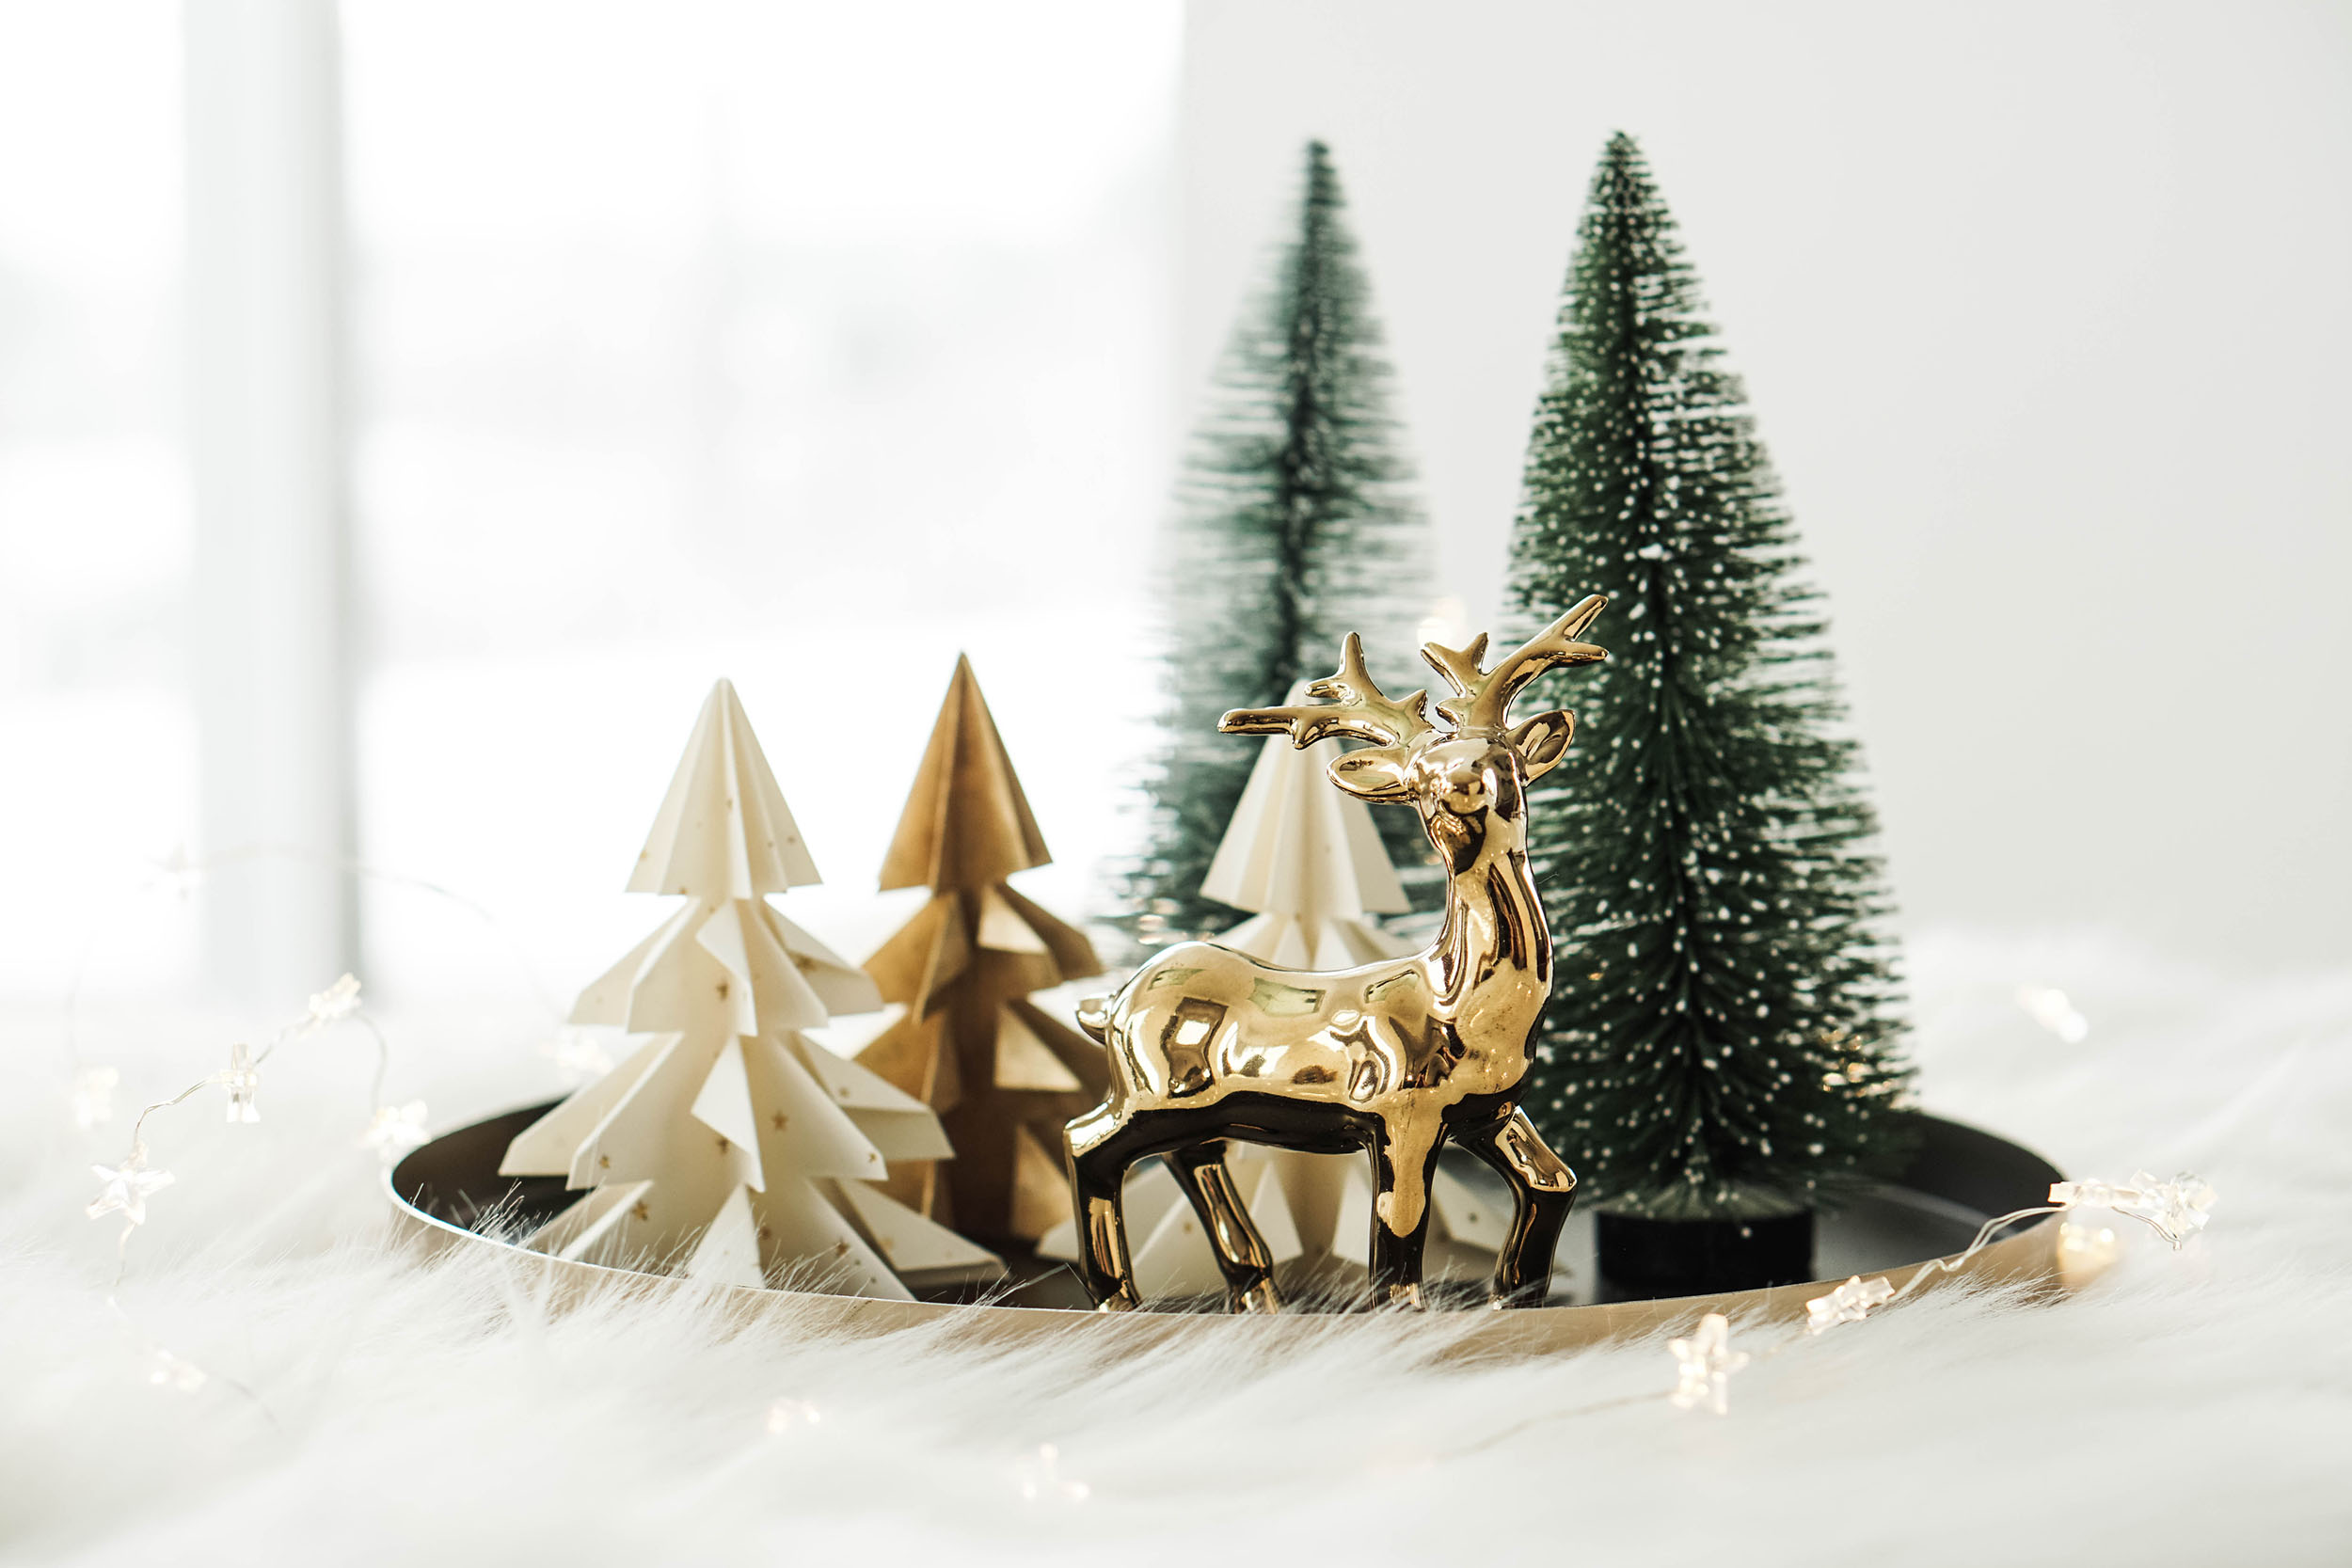 DIY Weihnachtsdeko U2013 Origami Christbäume Falten U2013 DIY Weihnachtsschmuck  Selbstgemacht